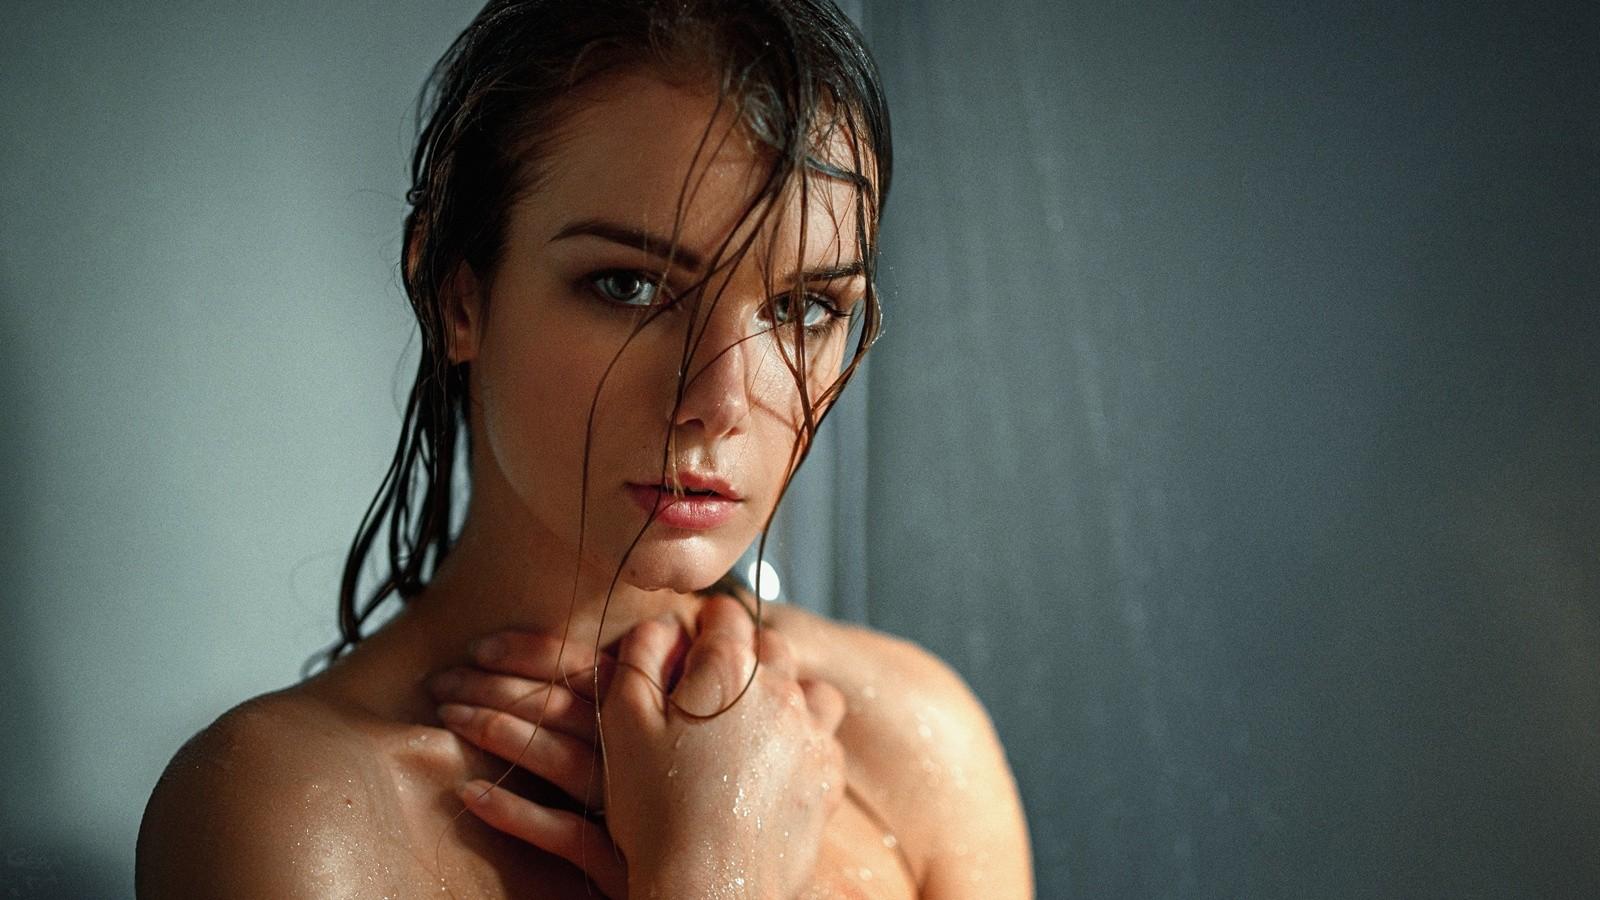 golie-telki-mokrie